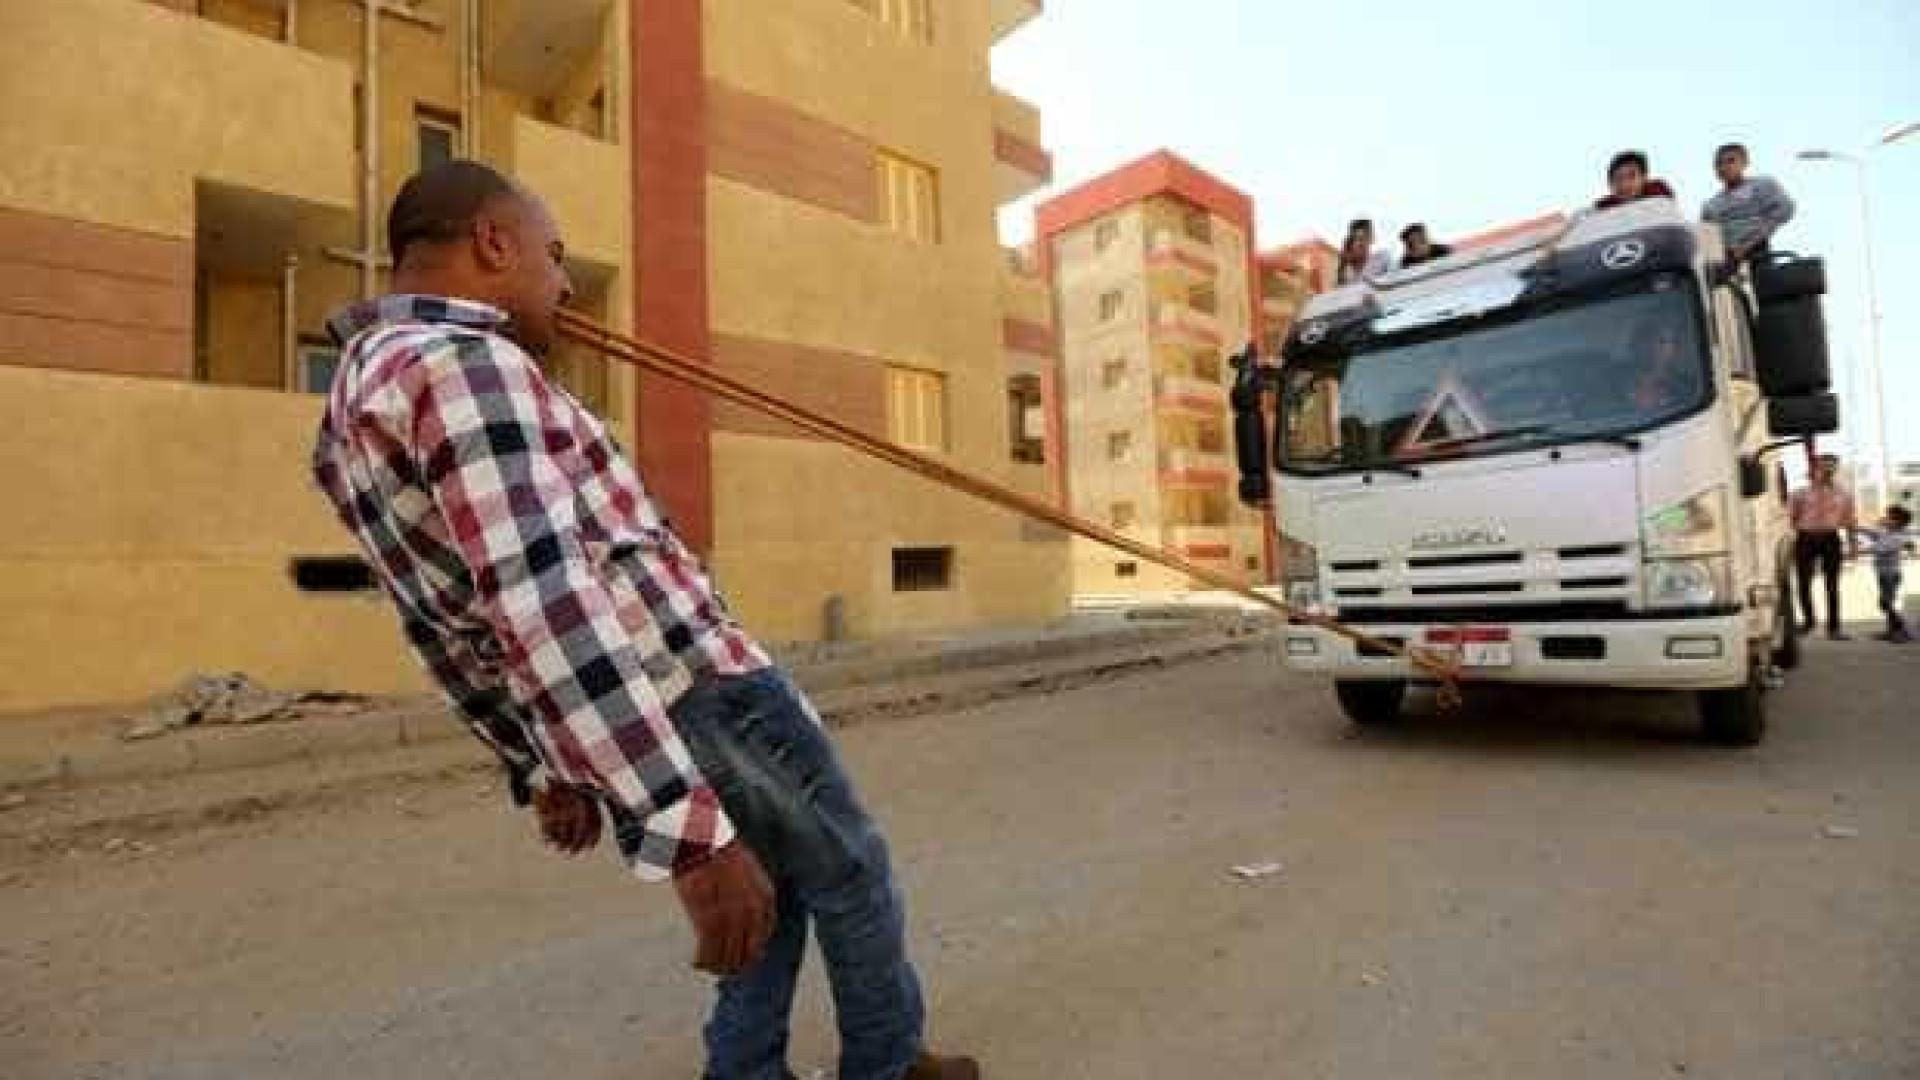 Homem come prego, puxa caminhão com dentes e não sente dor